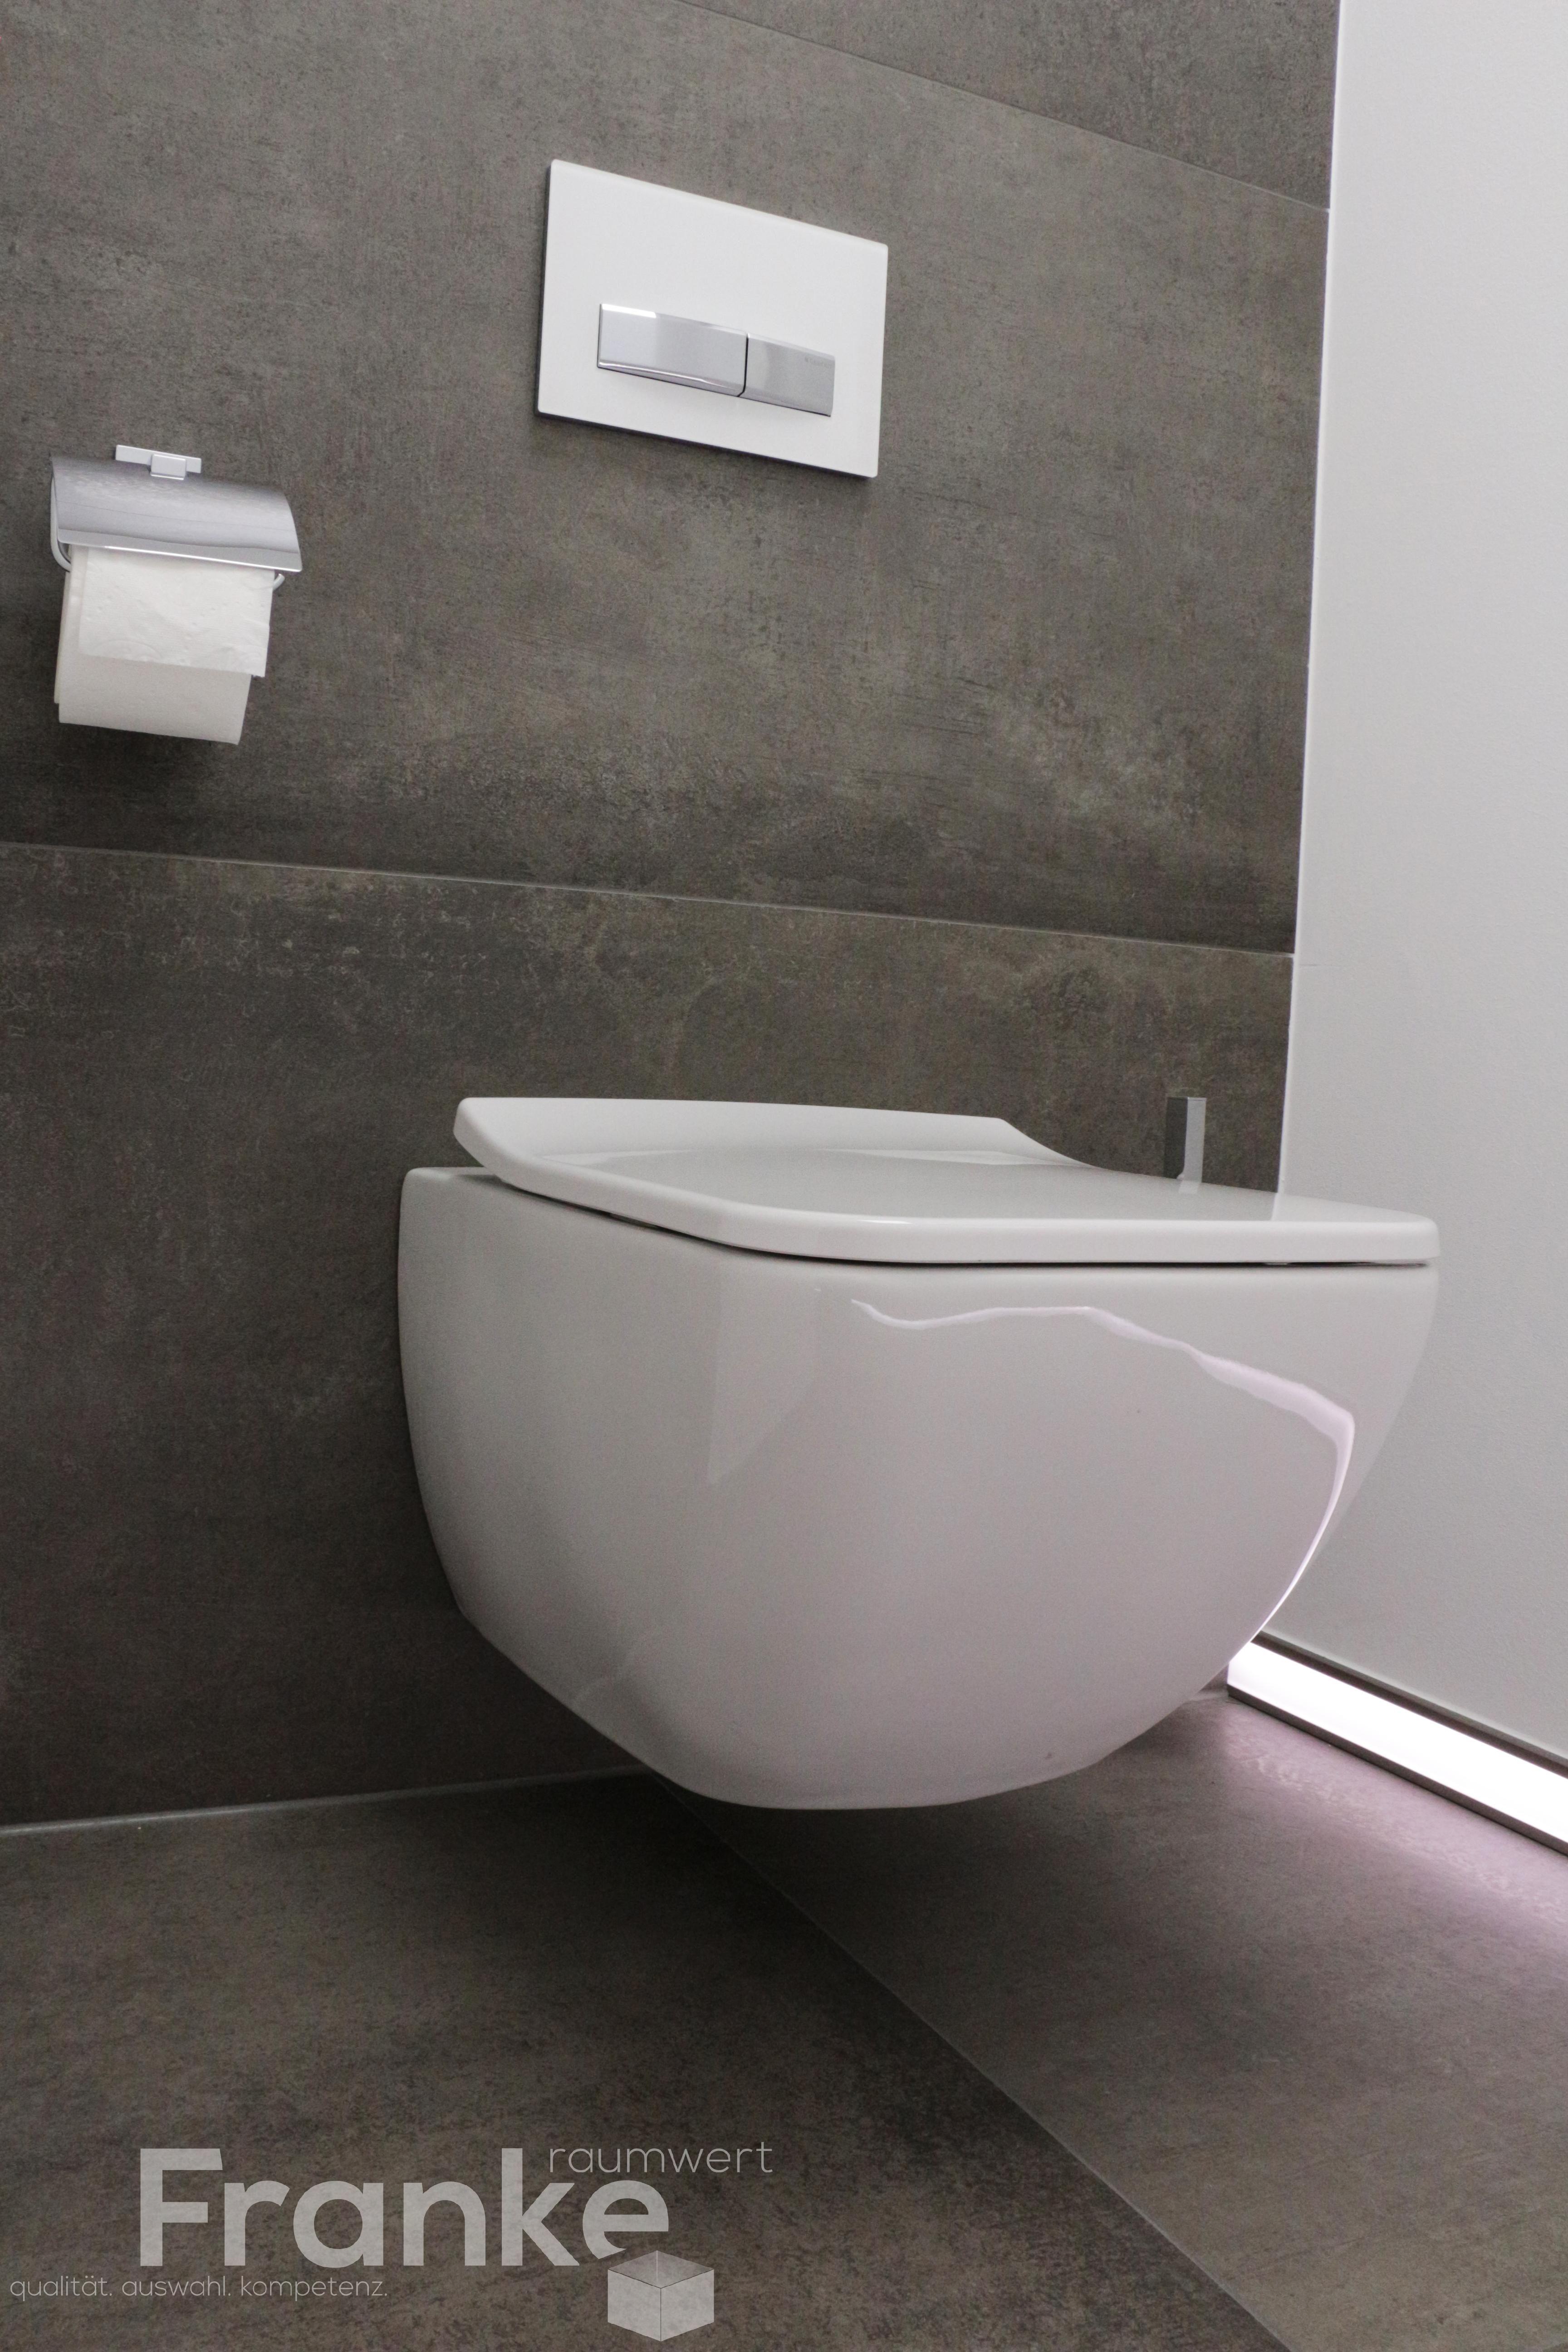 Xxl Format Fliesen Im Grossformat Bis Zu Einem Mass Von 80x180 Cm Das Neue Villeroy Boch Tiefspul Wc Vinticello Http W Badezimmer Badezimmerboden Wc Sitz